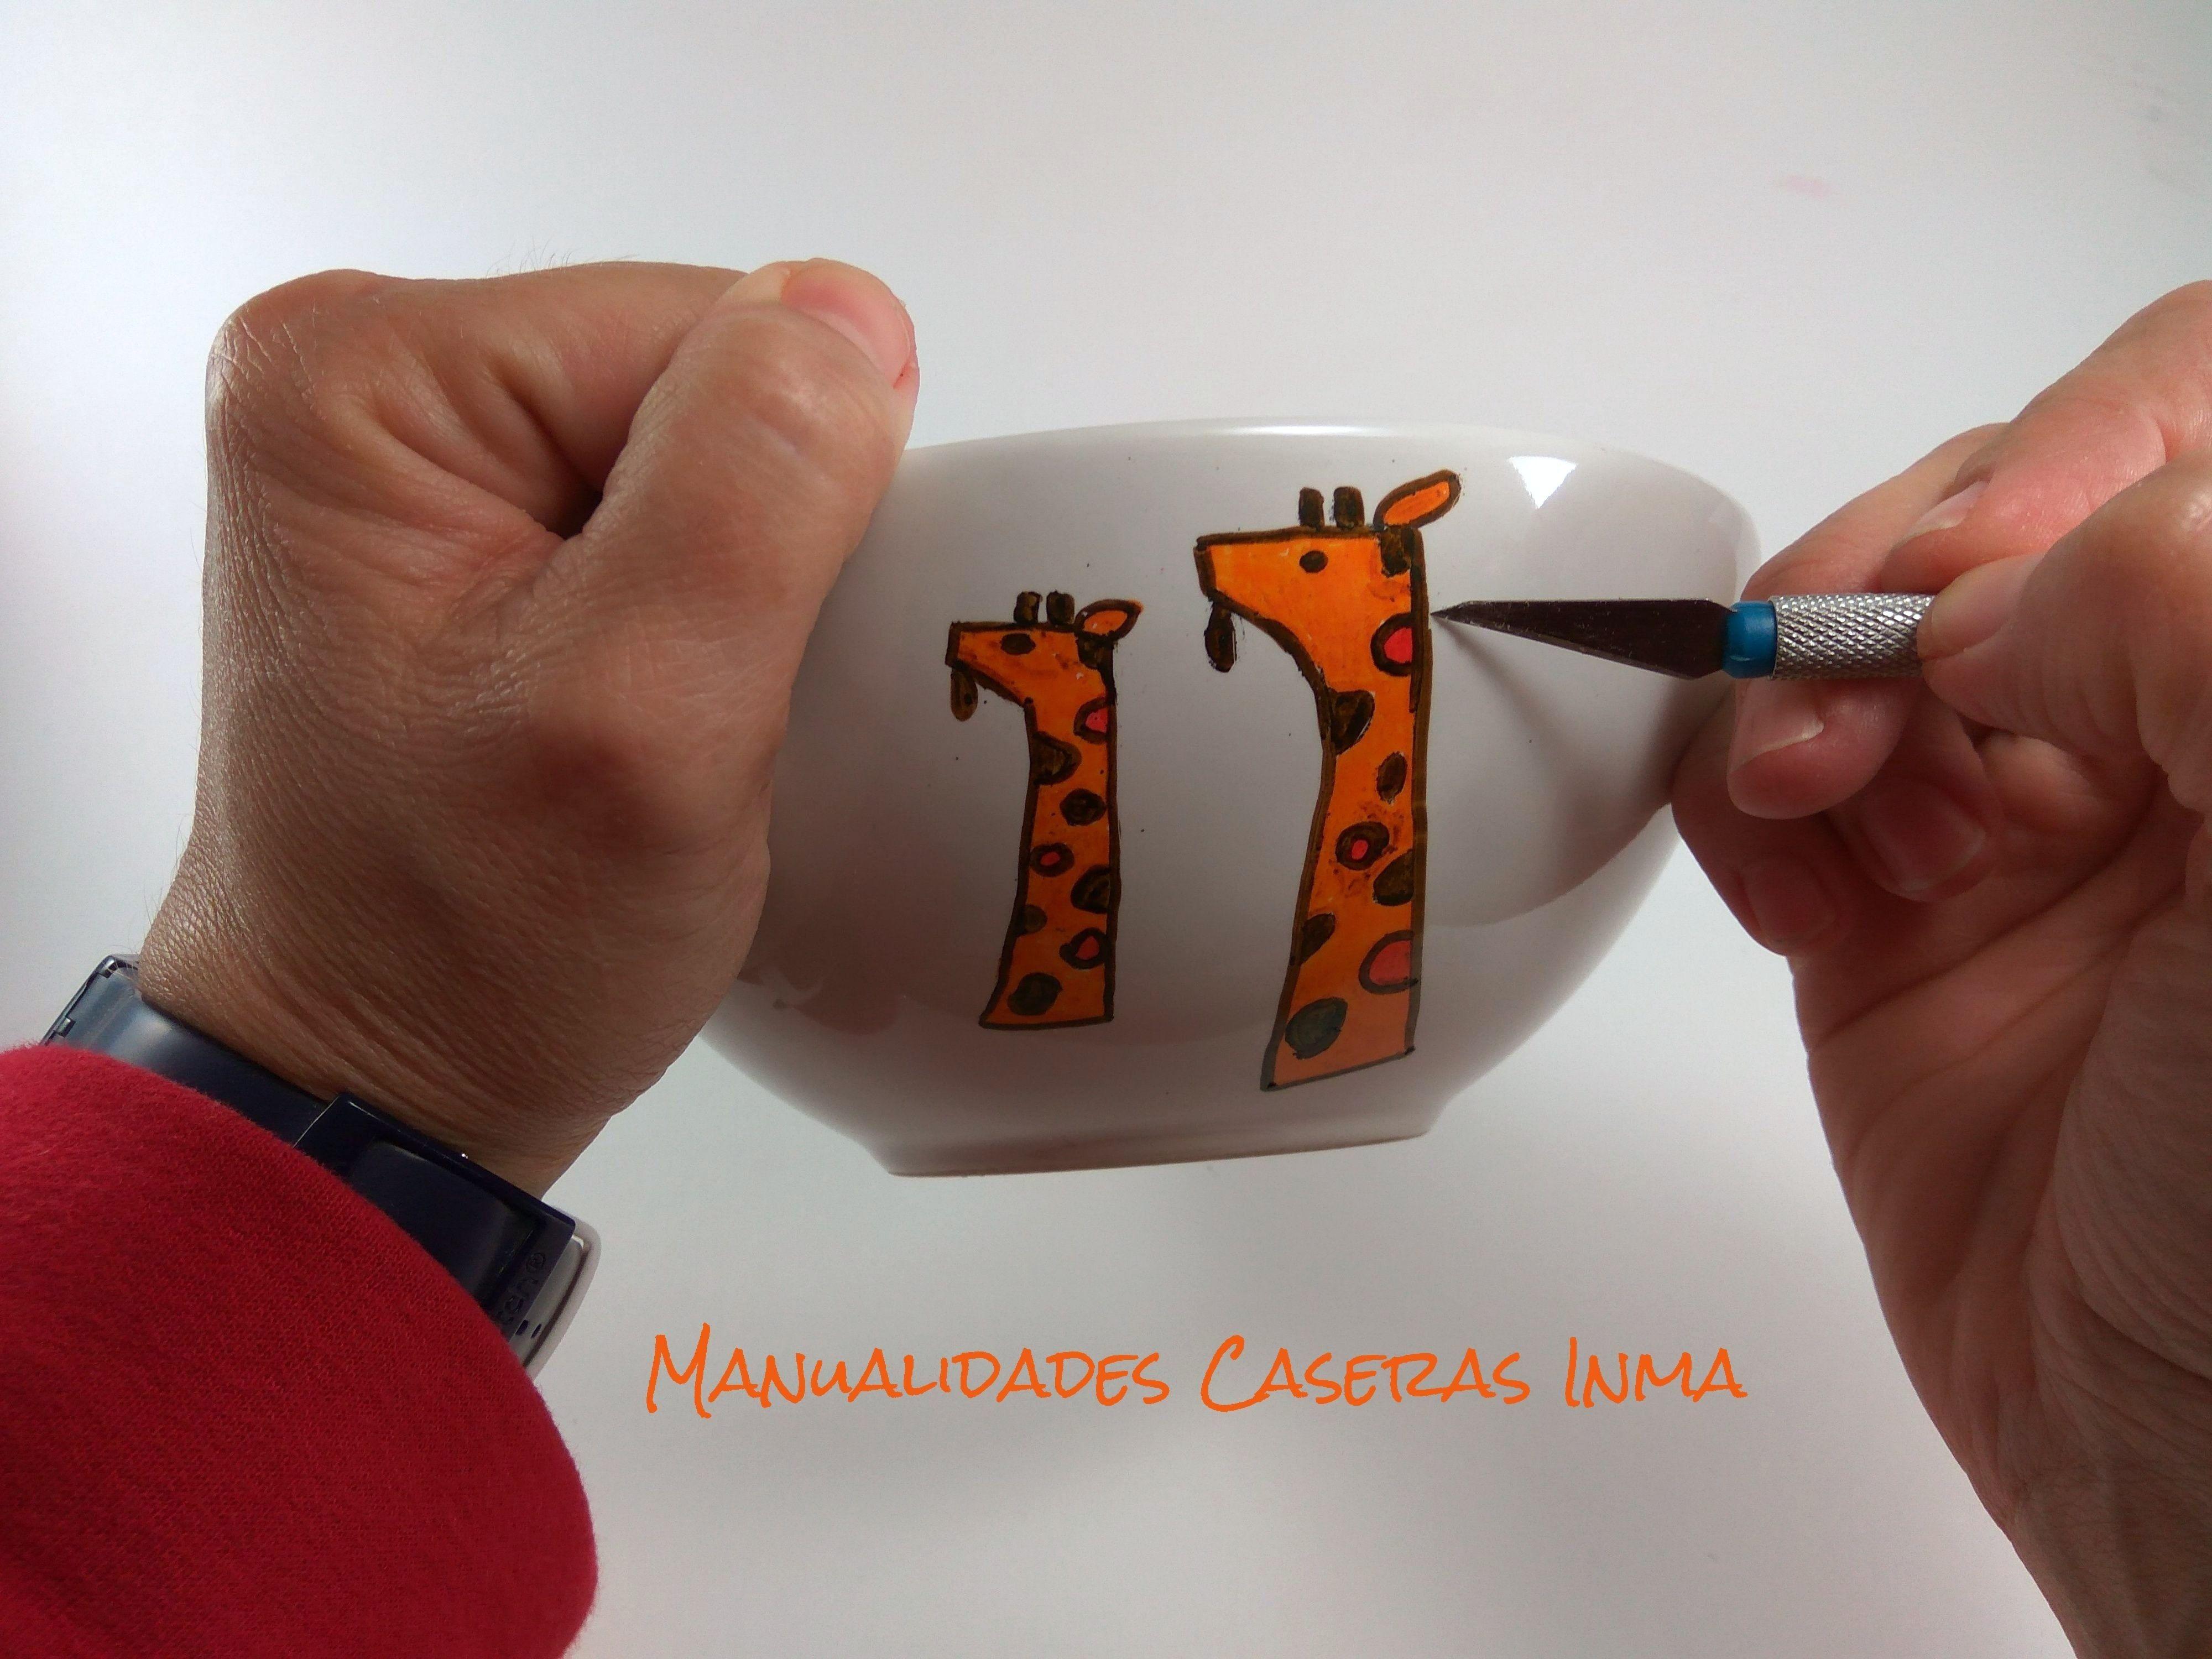 Manualidades Caseras Inma_ Como retirar el exceso de rotulador